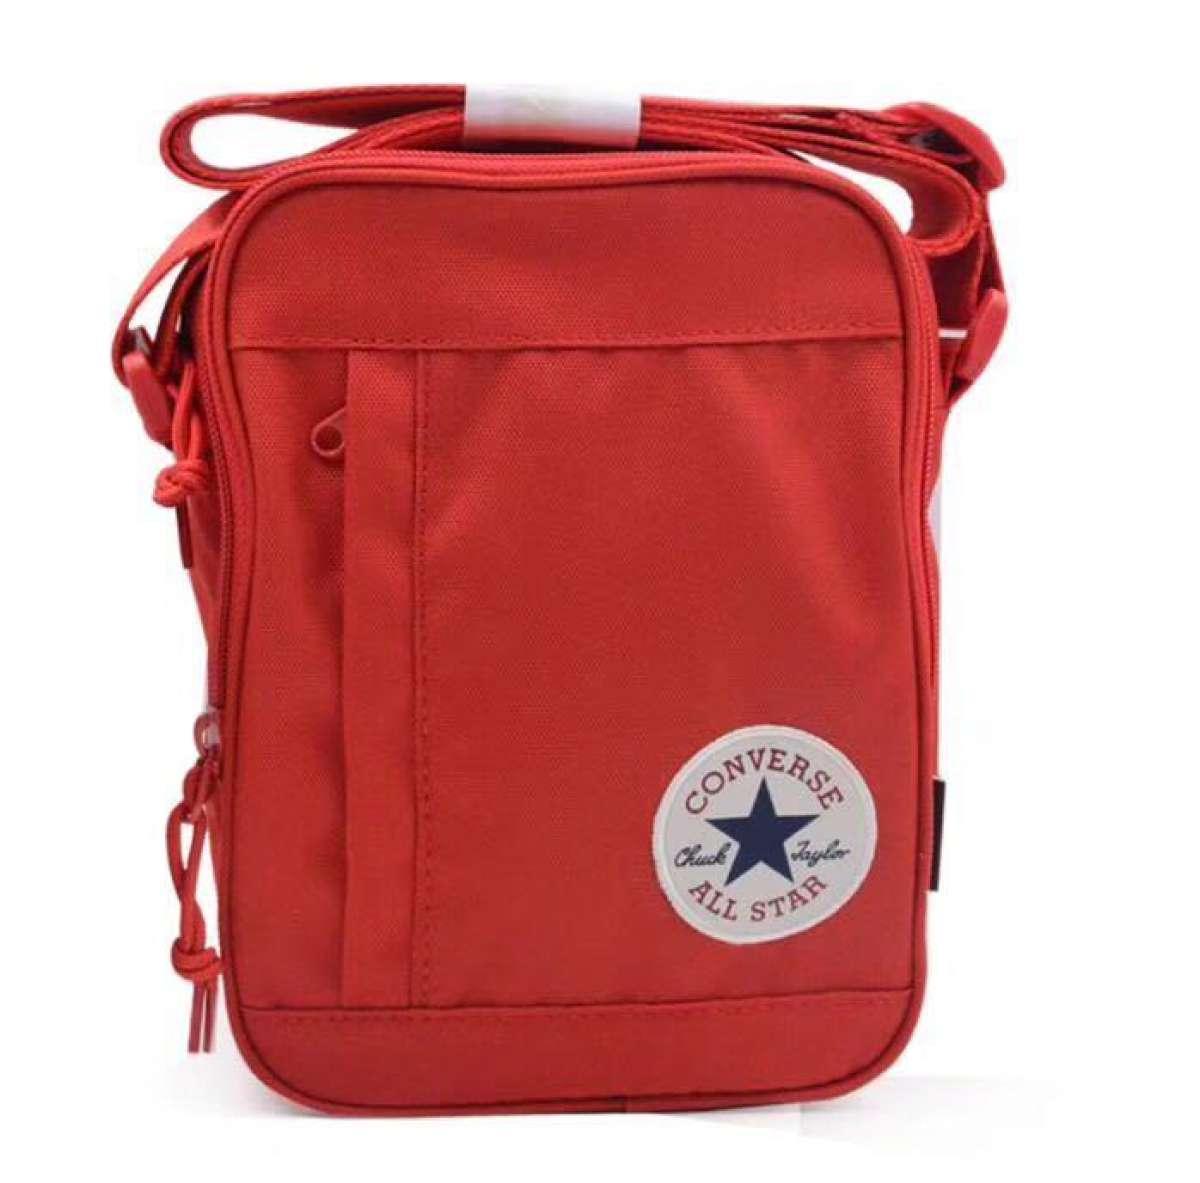 converse sling bag lazada, OFF 79%,Best